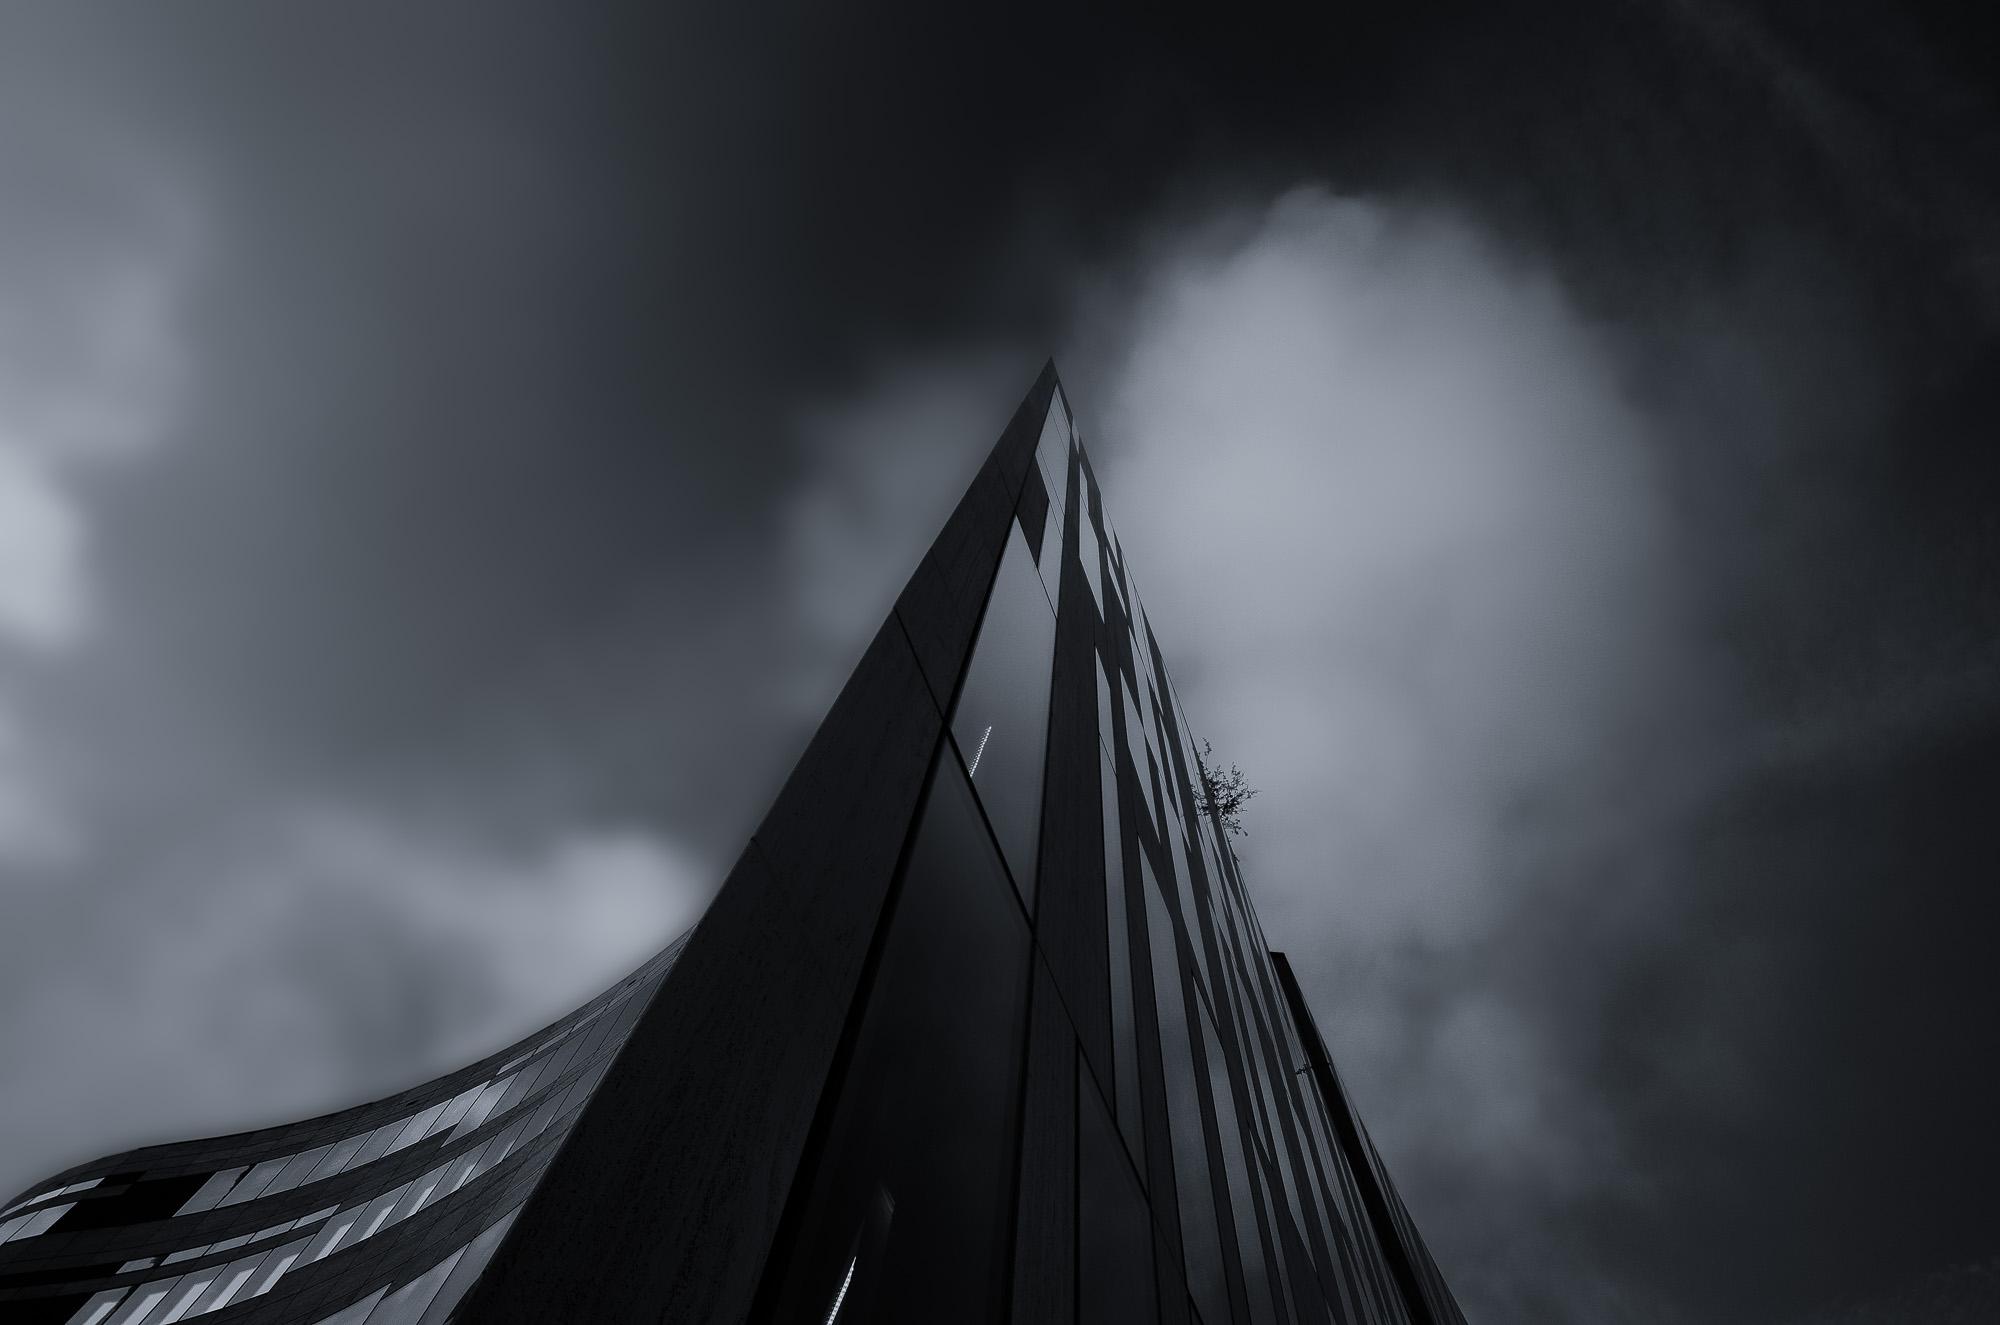 Düsseldorf Kö  -   All images: © Klaus Heuermann  -